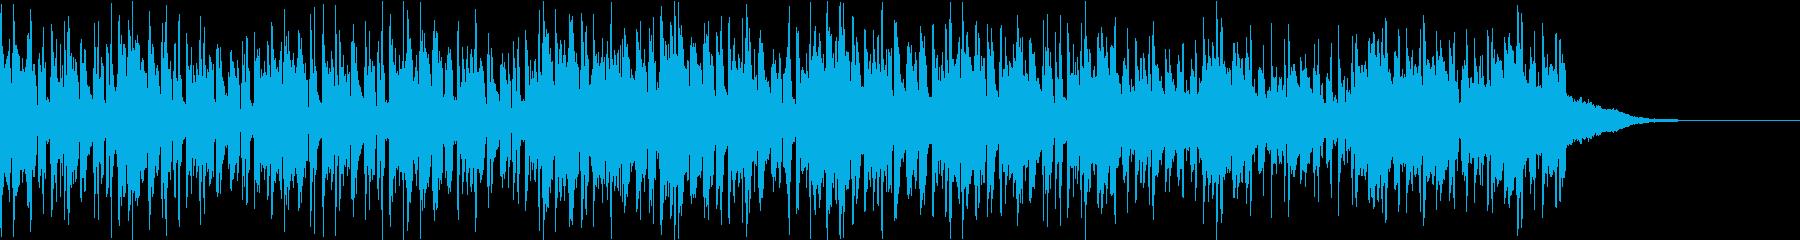 Pf「変化」和風現代ジャズの再生済みの波形